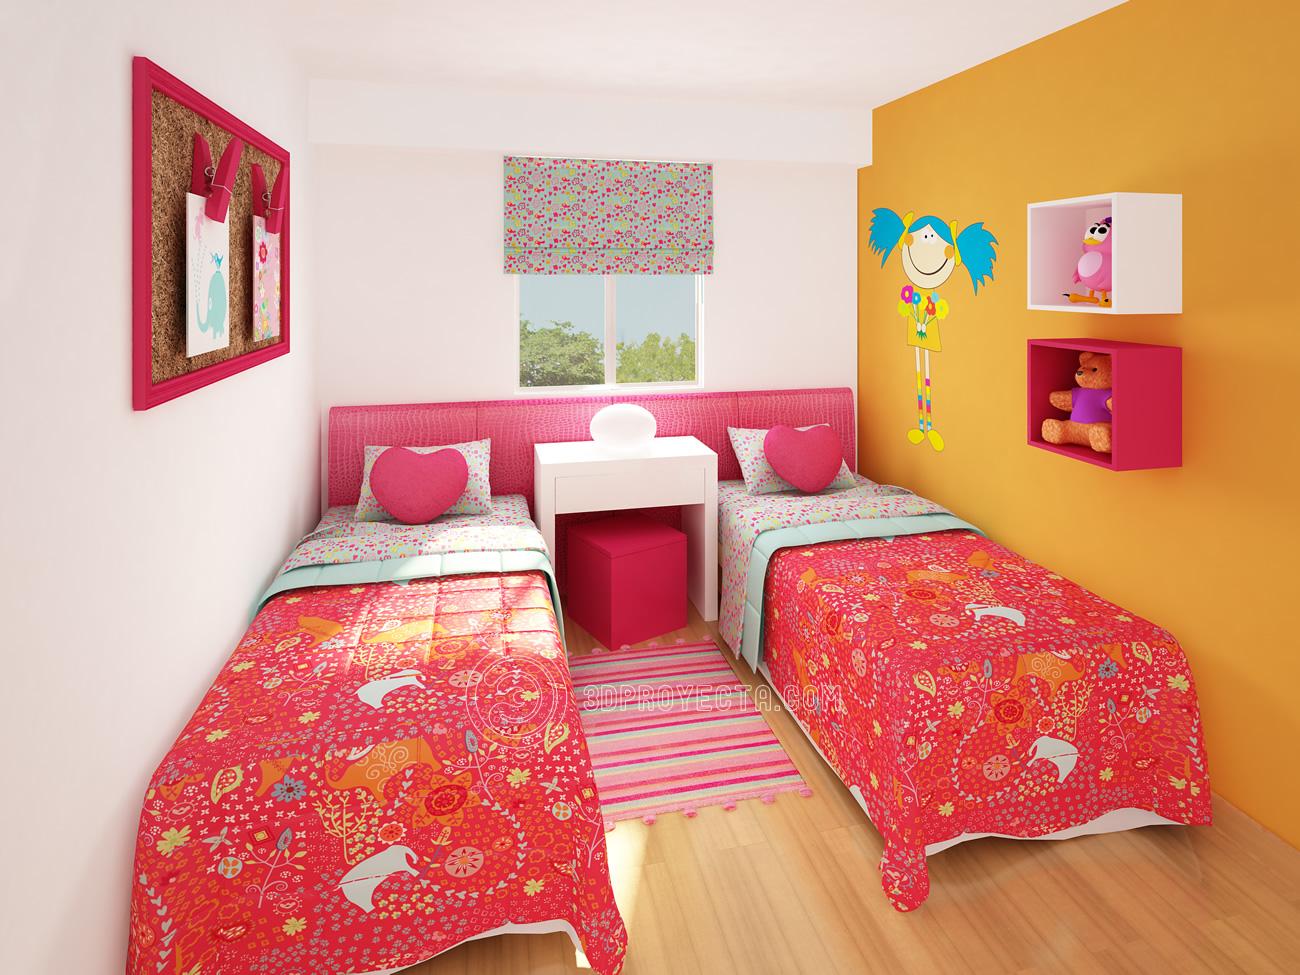 Julio 2010 vistas 3d lima per video 3d recorrido virtual - Dormitorio de ninas ...